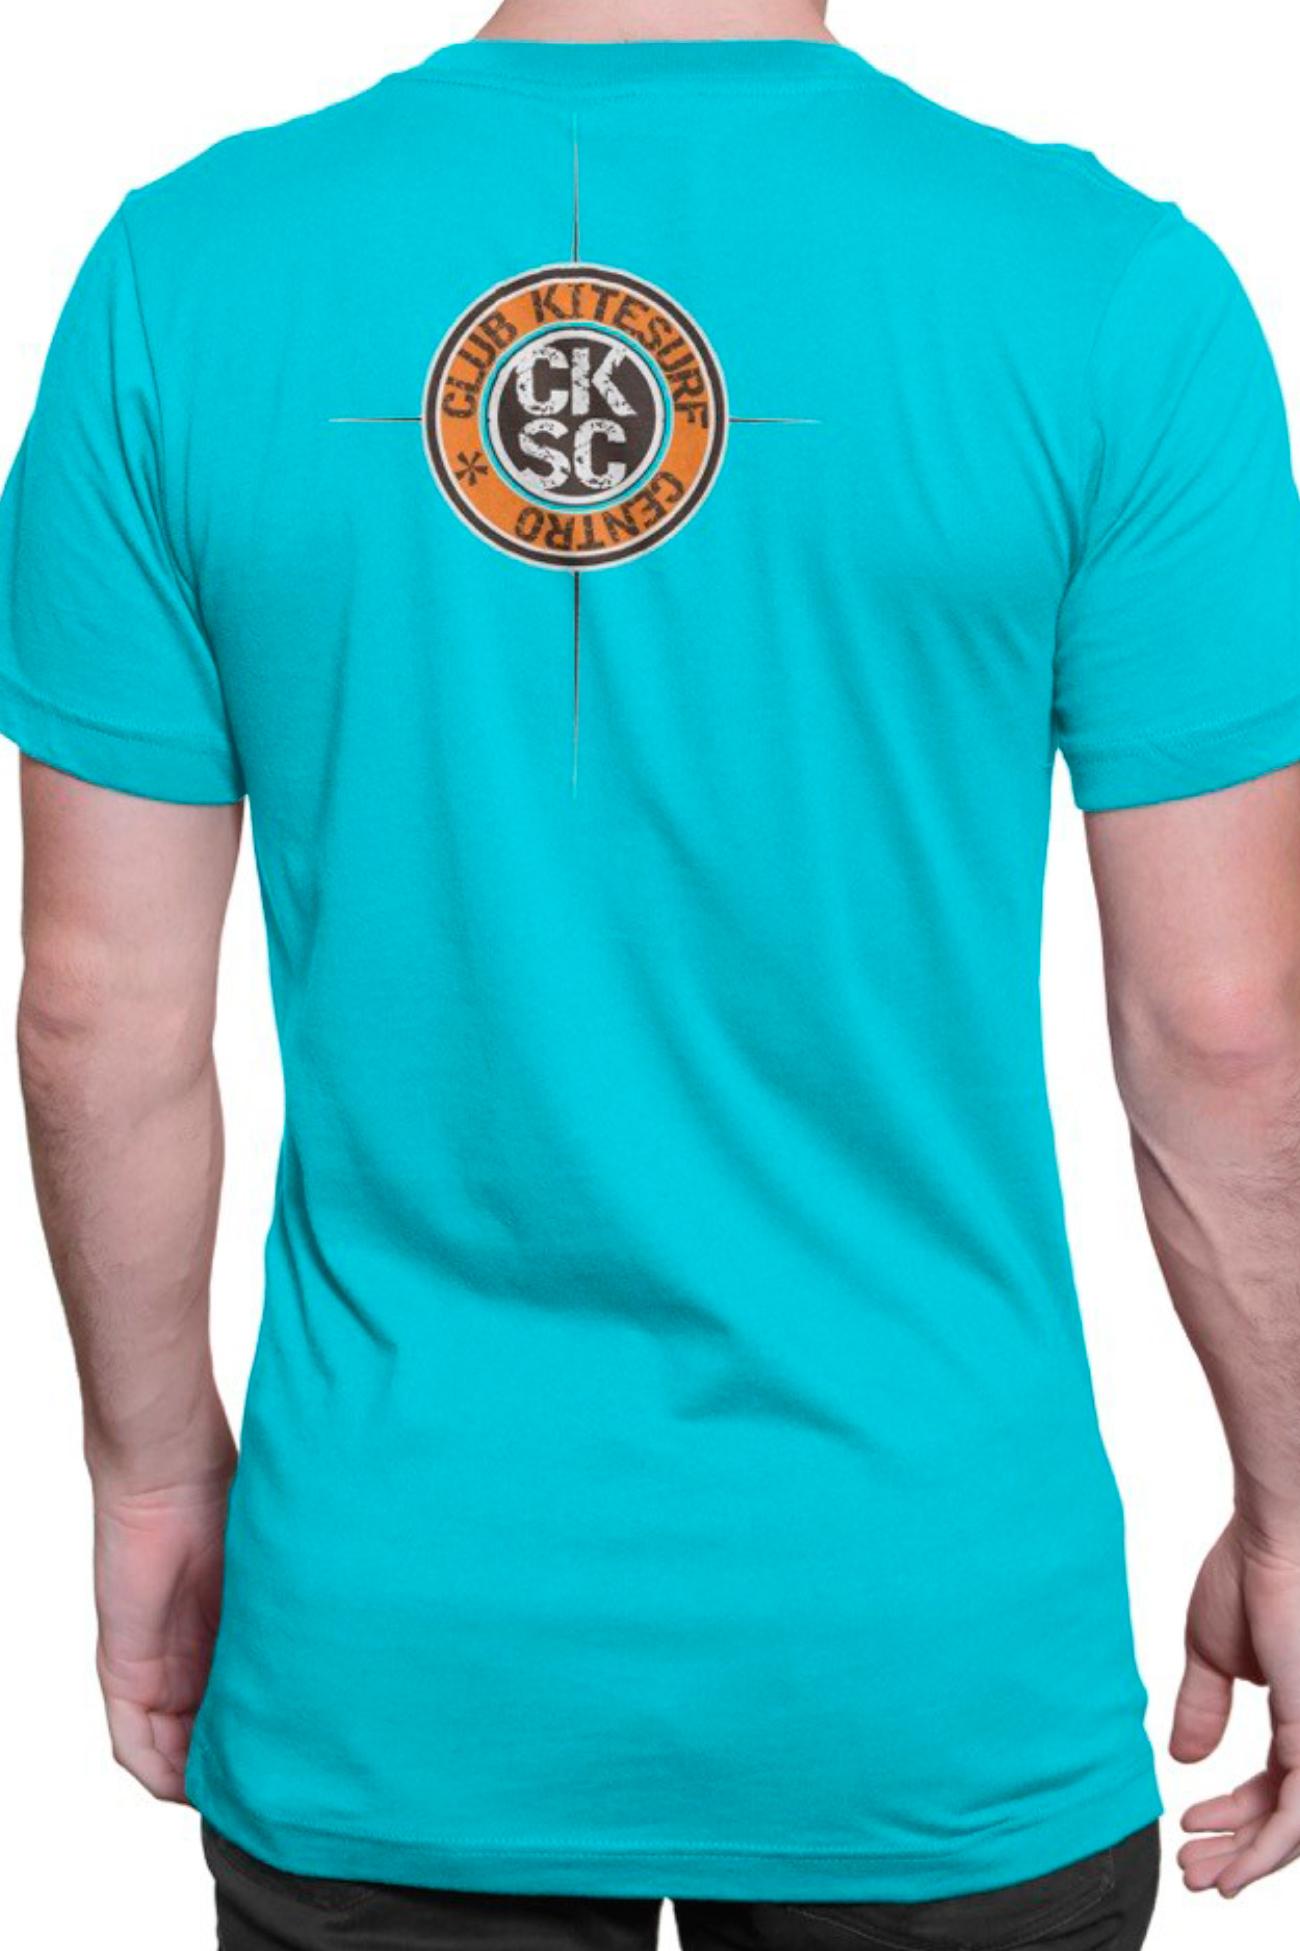 camisetas-cksc-3